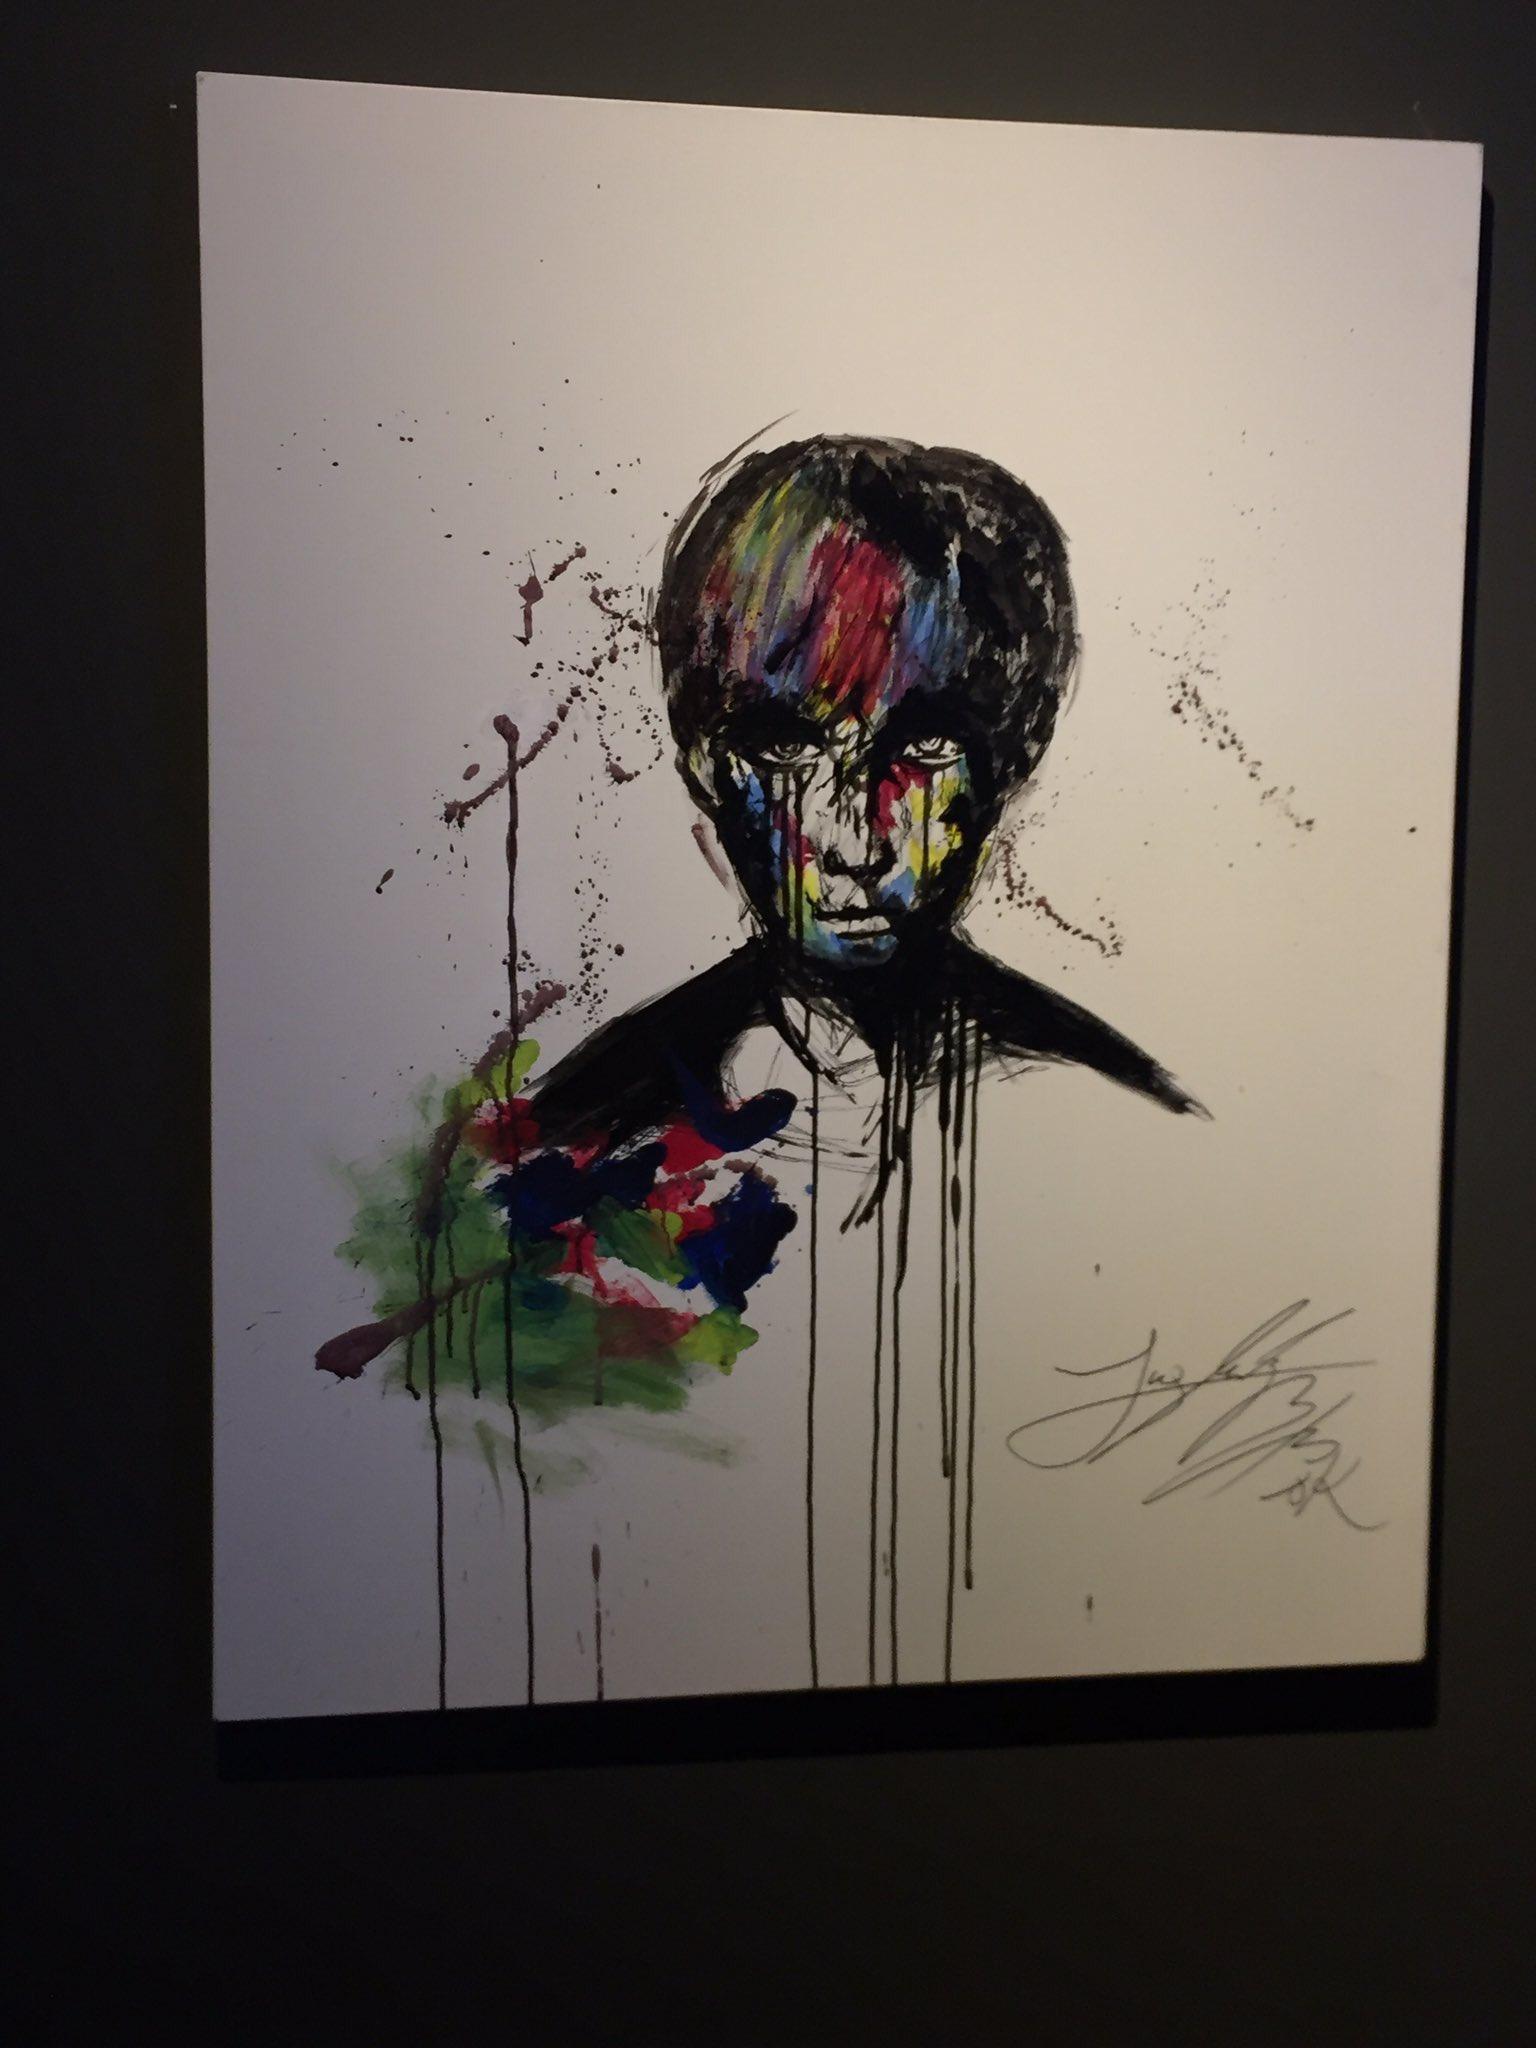 20+ Terbaik Untuk Gambar Lukisan Jungkook Bts   Demae Decor